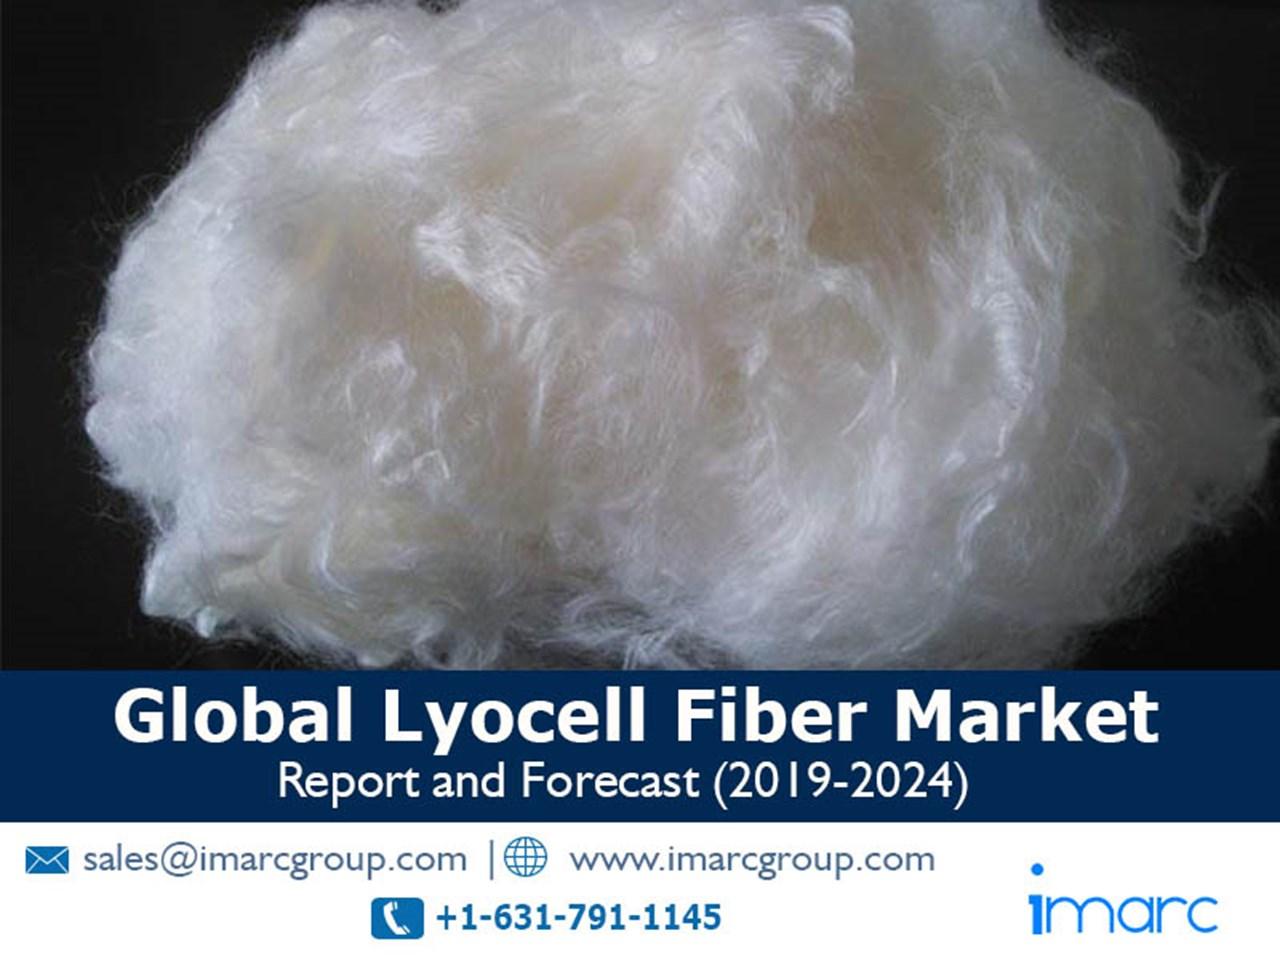 1oz Tencel Spinning Fiber Lyocell Fiber EcoFriendly Fiber